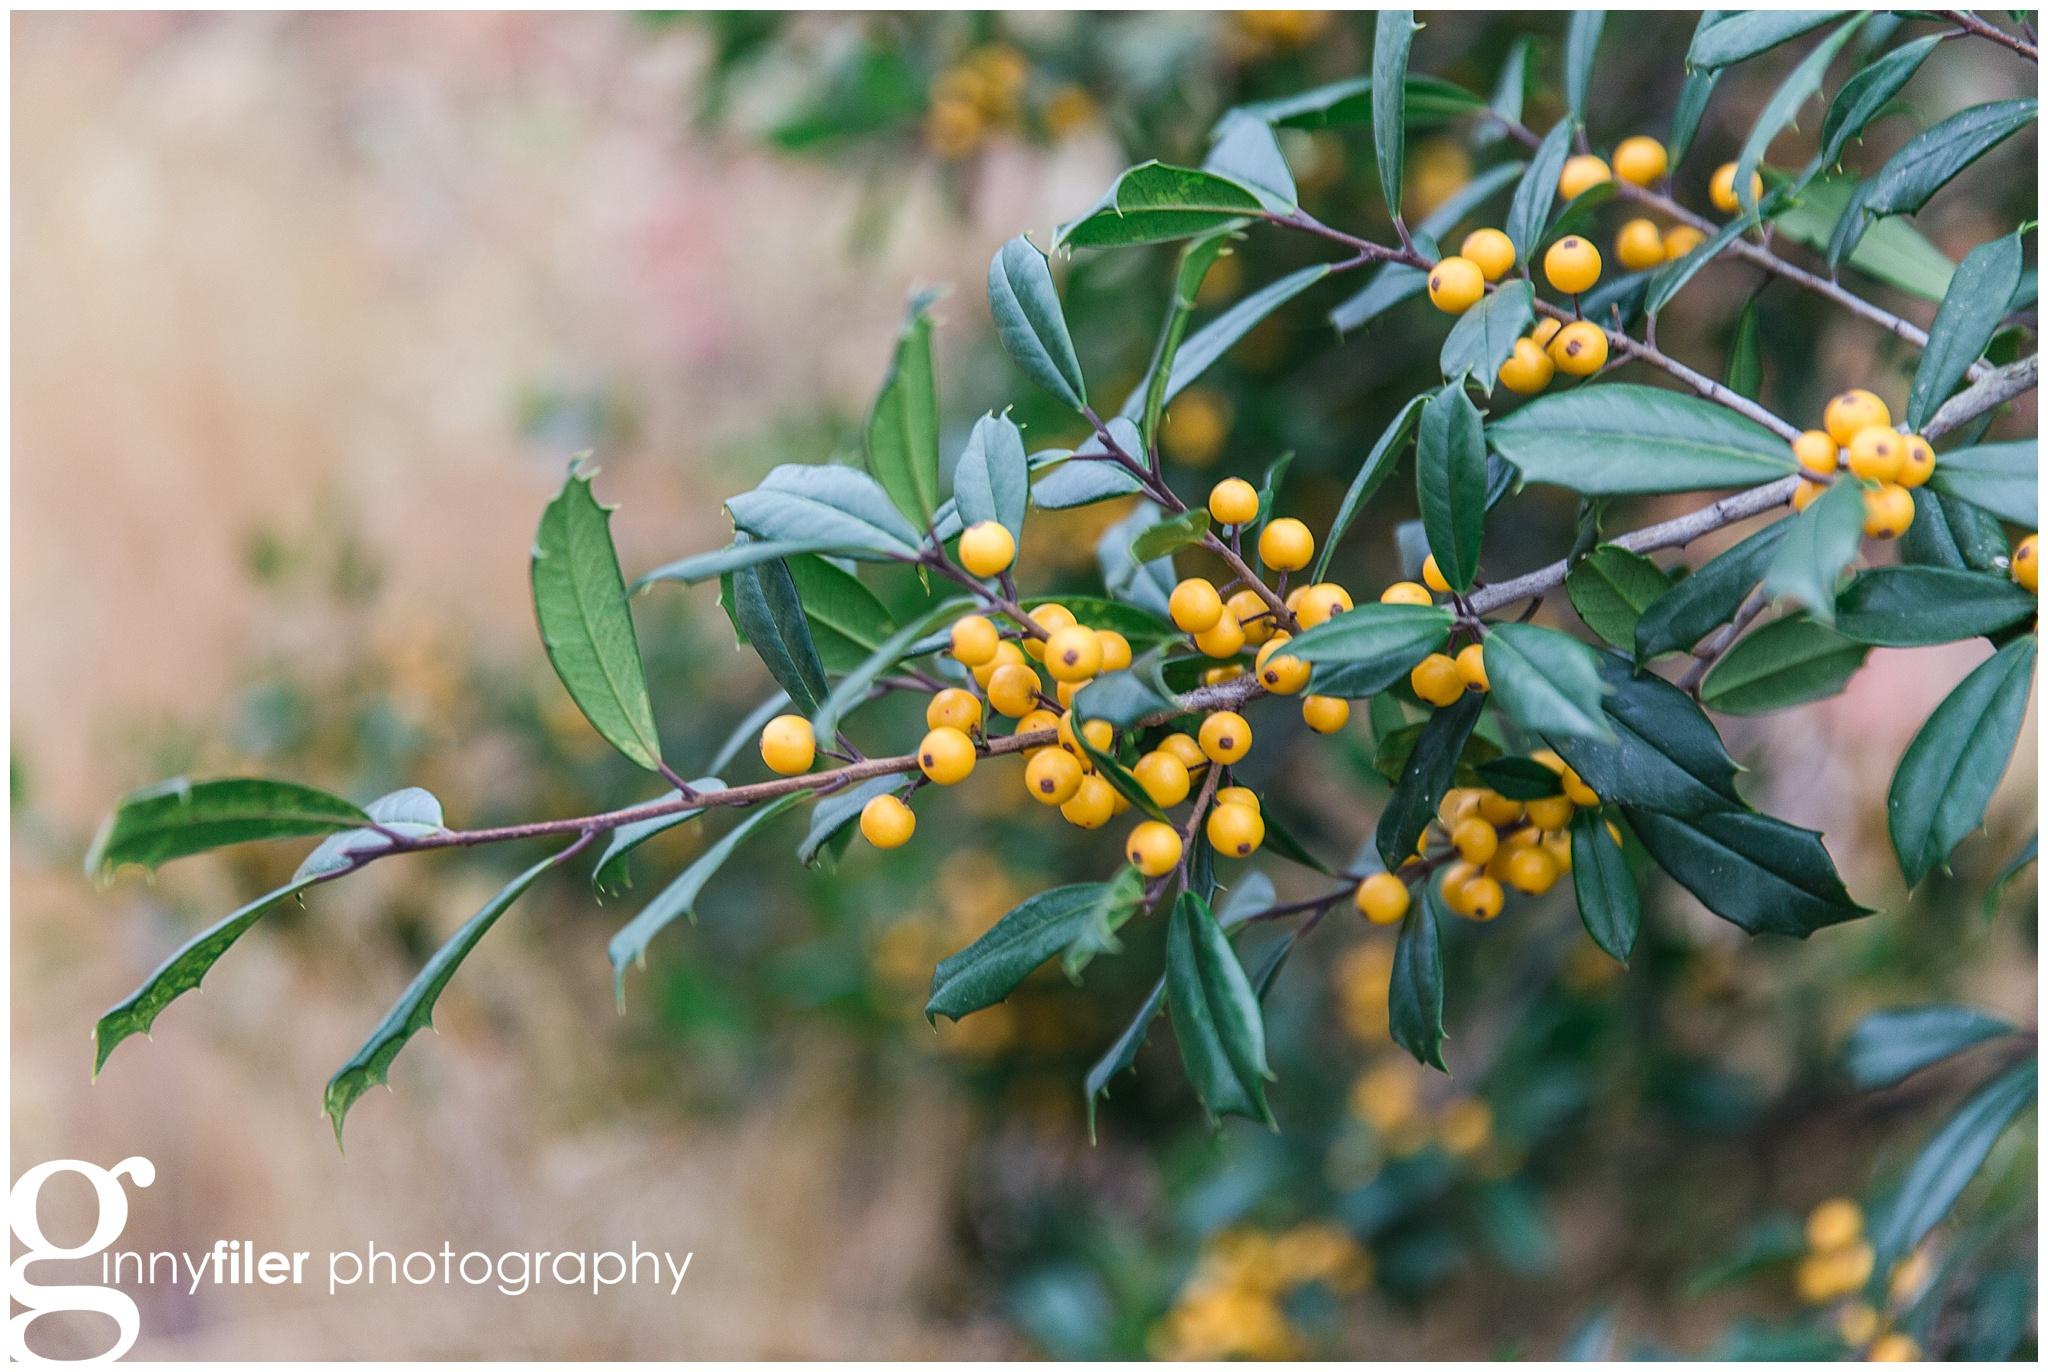 longwood_Christmas_0003.jpg